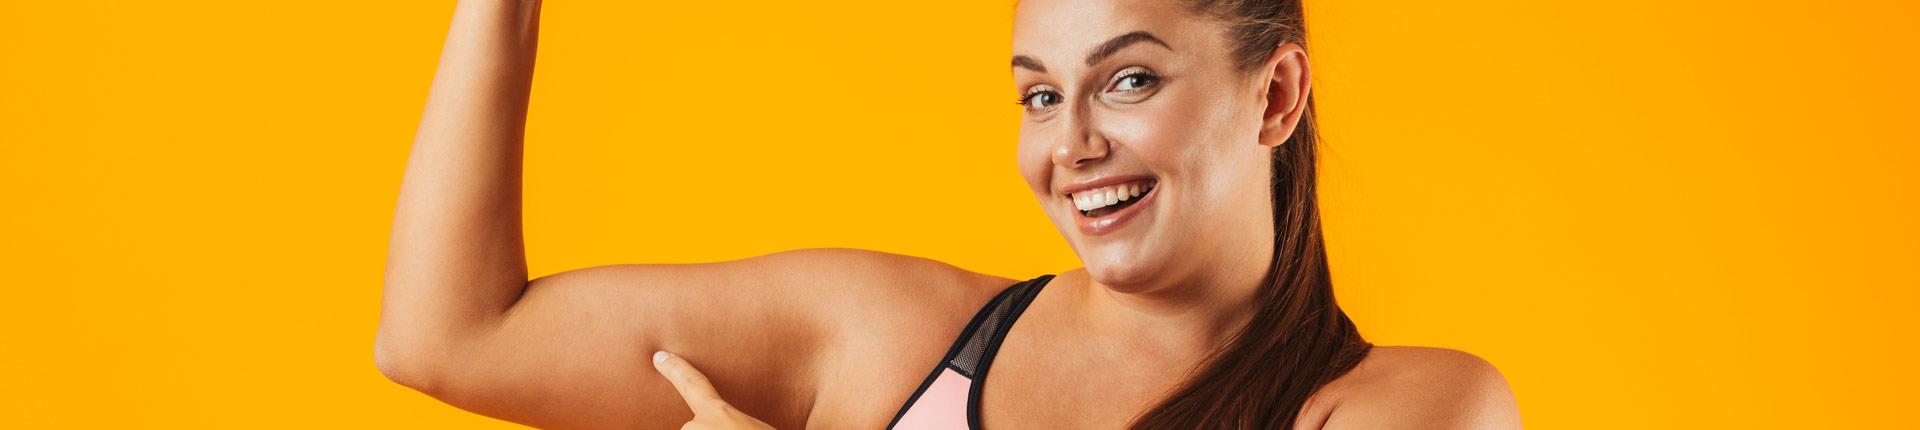 Czy można być otyłym i zdrowym? Metabolicznie zdrowa otyłośća ryzyko udaru